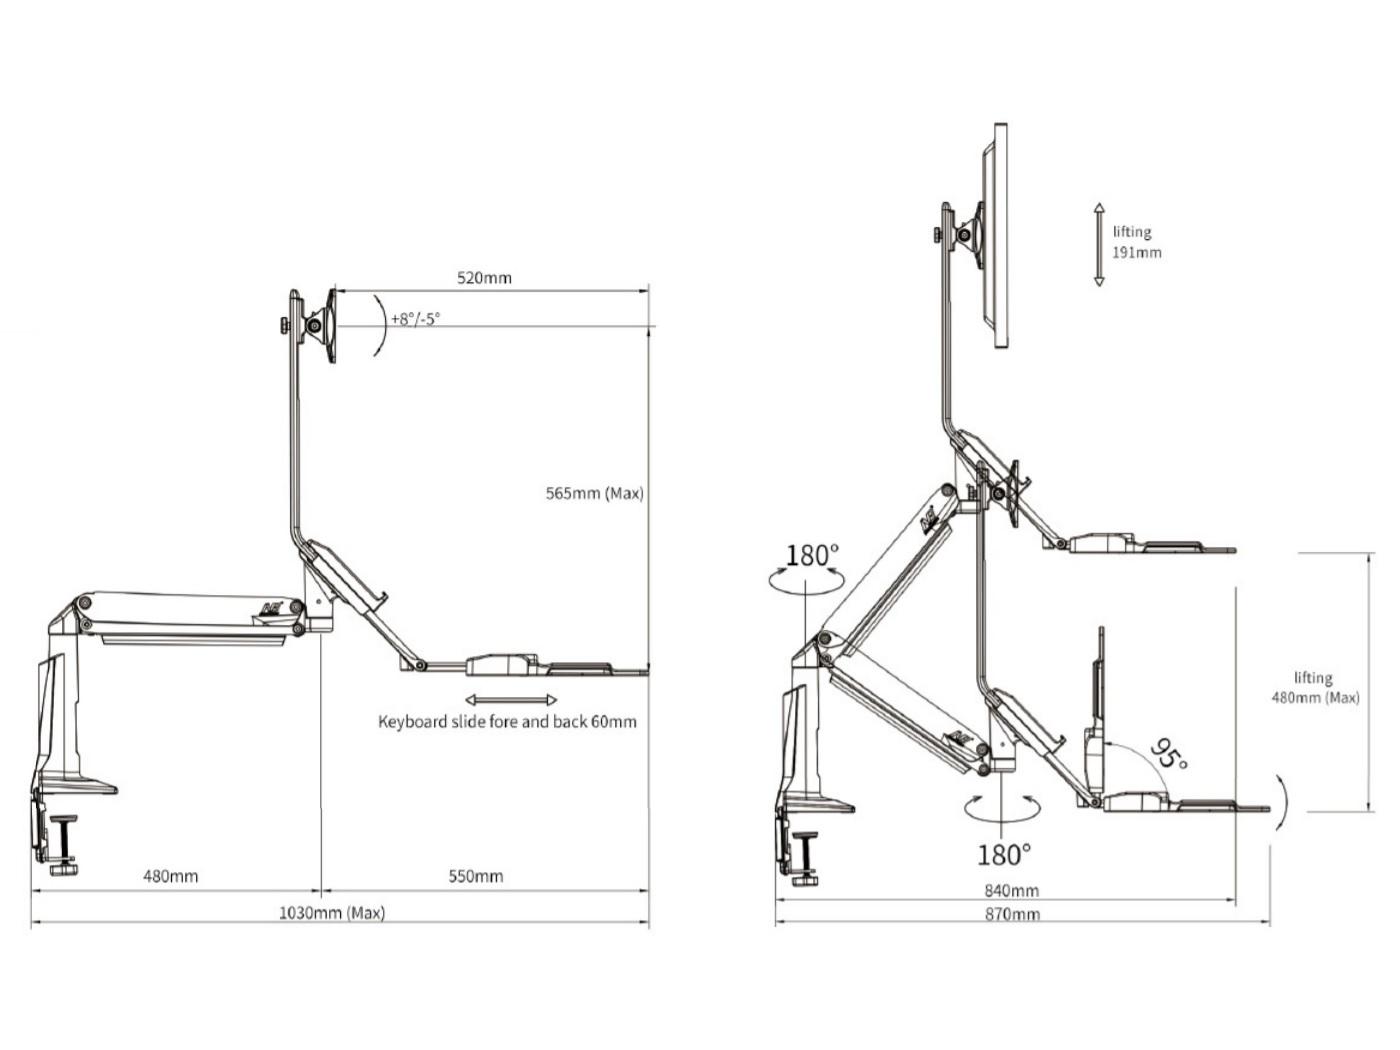 Profesionální kancelářský držák pro monitor i klávesnici, snadné nastavení pro práci vsedě nebo práce vestoje, barevné provedení černé nebo bílé - Fiber Mounts FC35